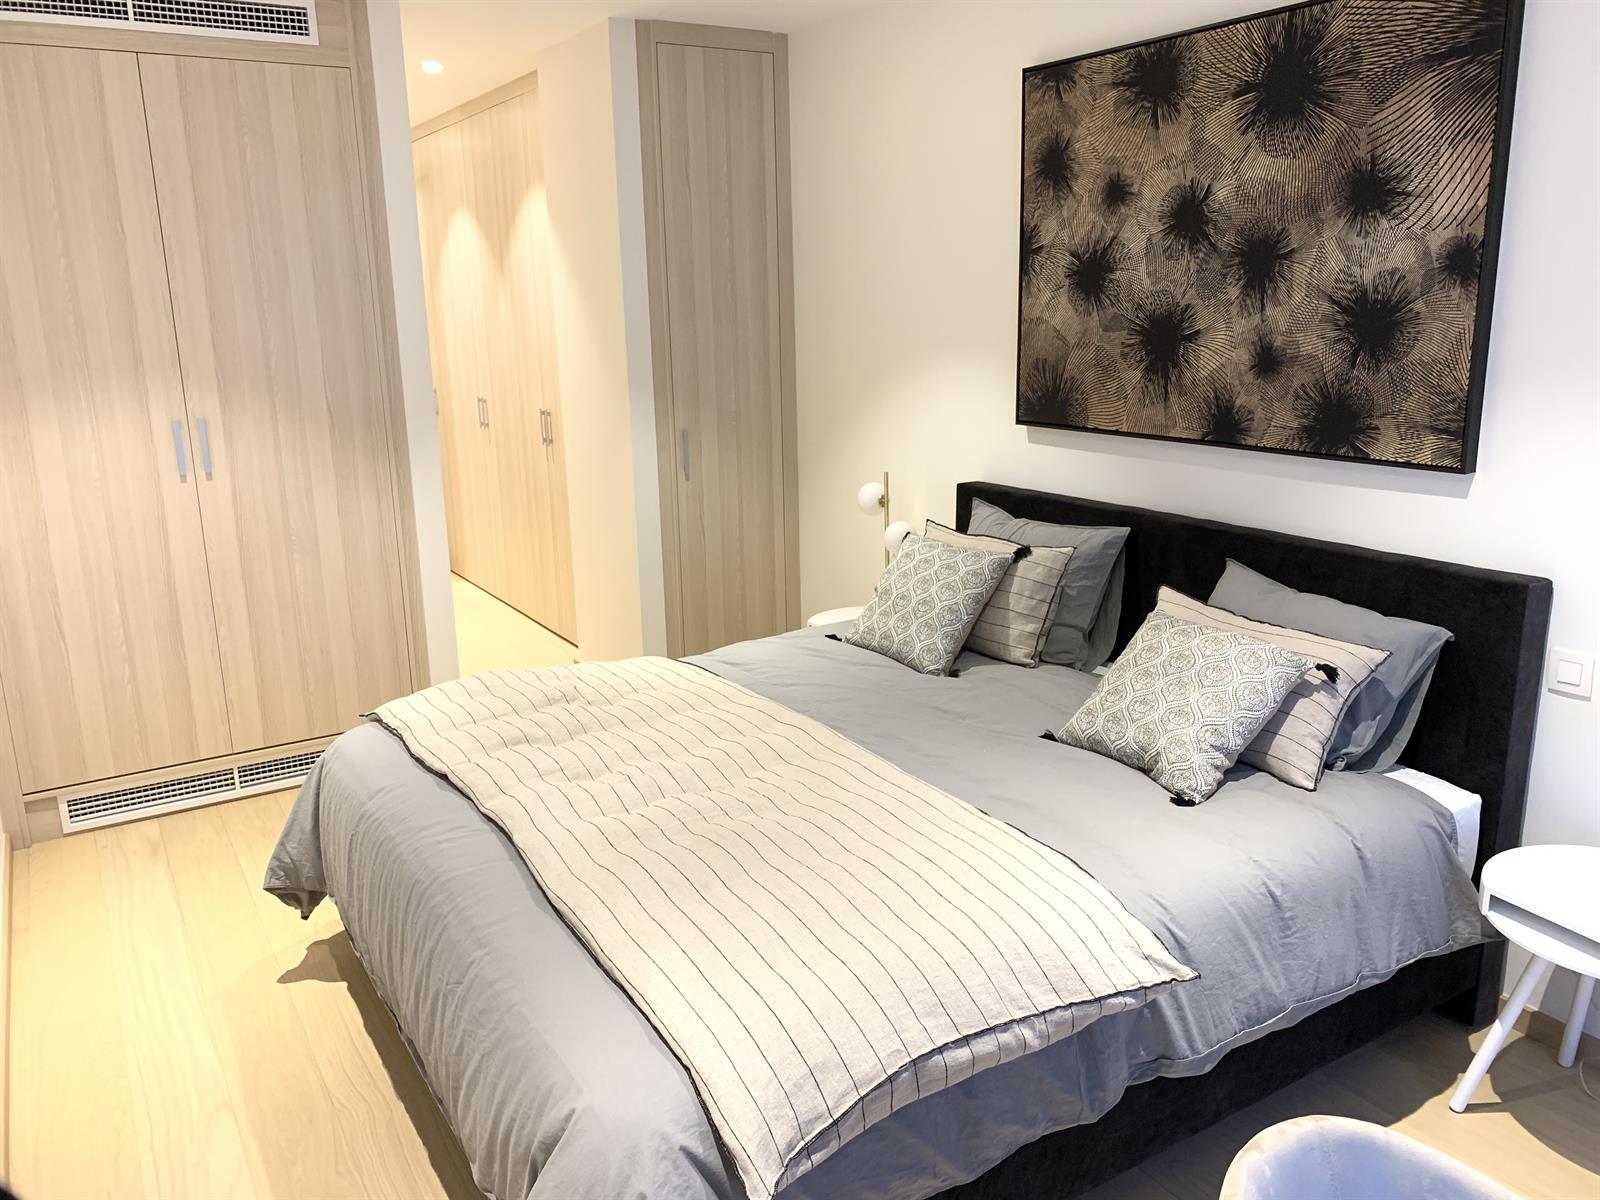 Appartement exceptionnel - Ixelles - #3929616-12